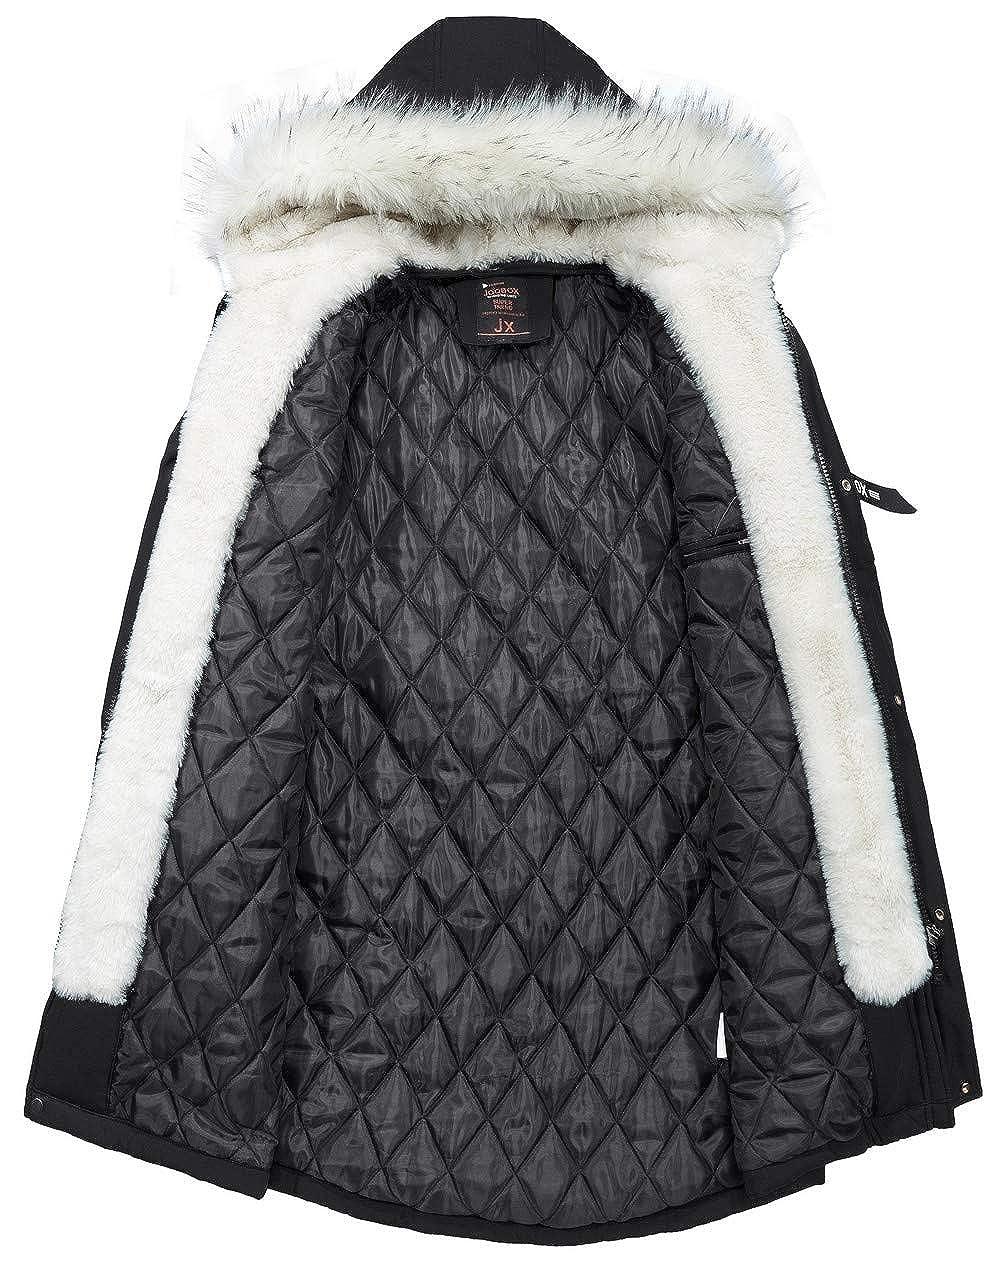 JIINN Homme Classique d'hiver a Capuche rembourré Manteaux Parka Épais Chaud Amovible Fourrure Veste Blousons Mens Hooded Coat A-noir